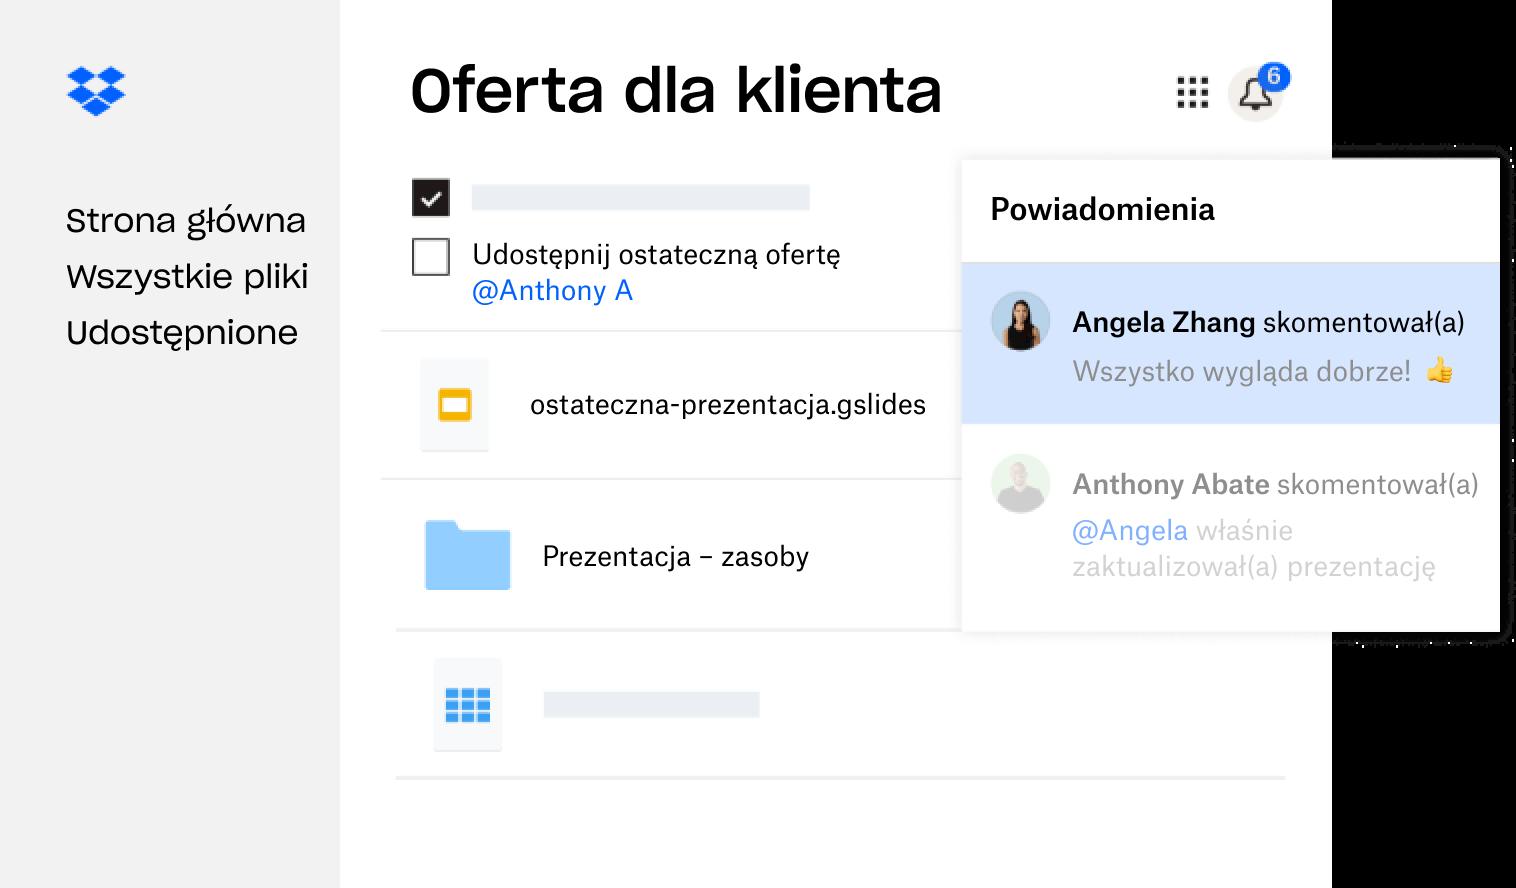 Propozycja klienta stworzona w Dropbox jest udostępniana wielu użytkownikom, którzy pozostawili swoją opinię.